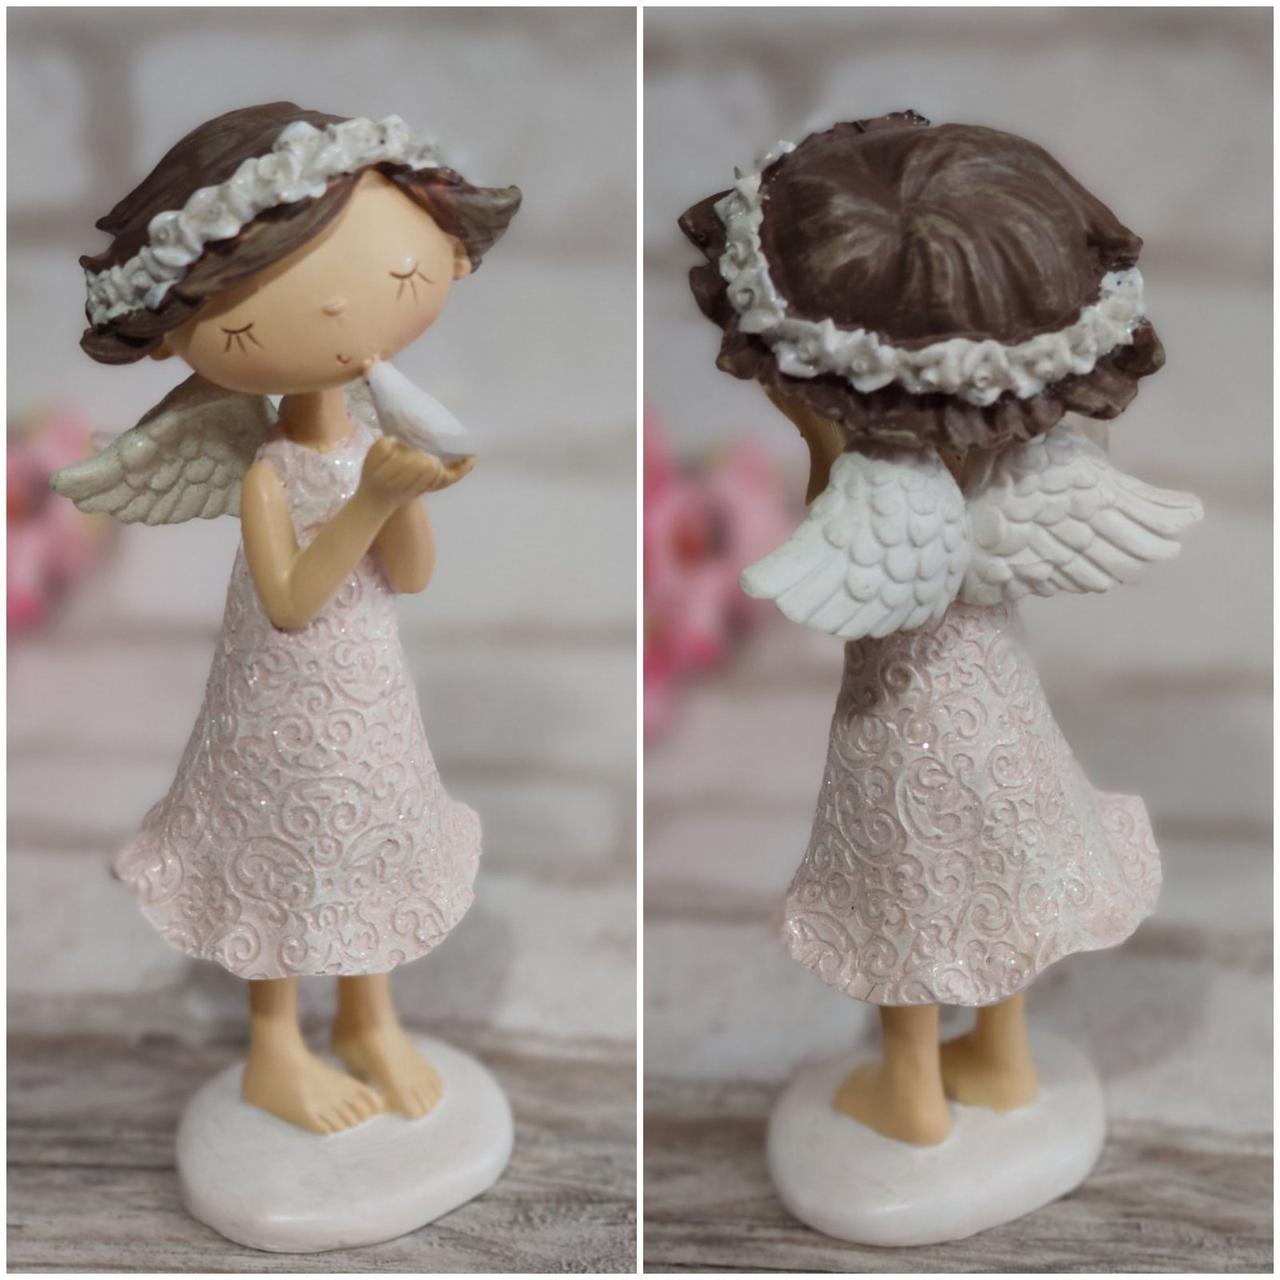 Статуетка Дівчинки-агела із полікераміки, сувенір, настільна, ретро, 20 см., 275/245 (ціна за 1 шт. + 30 гр.)